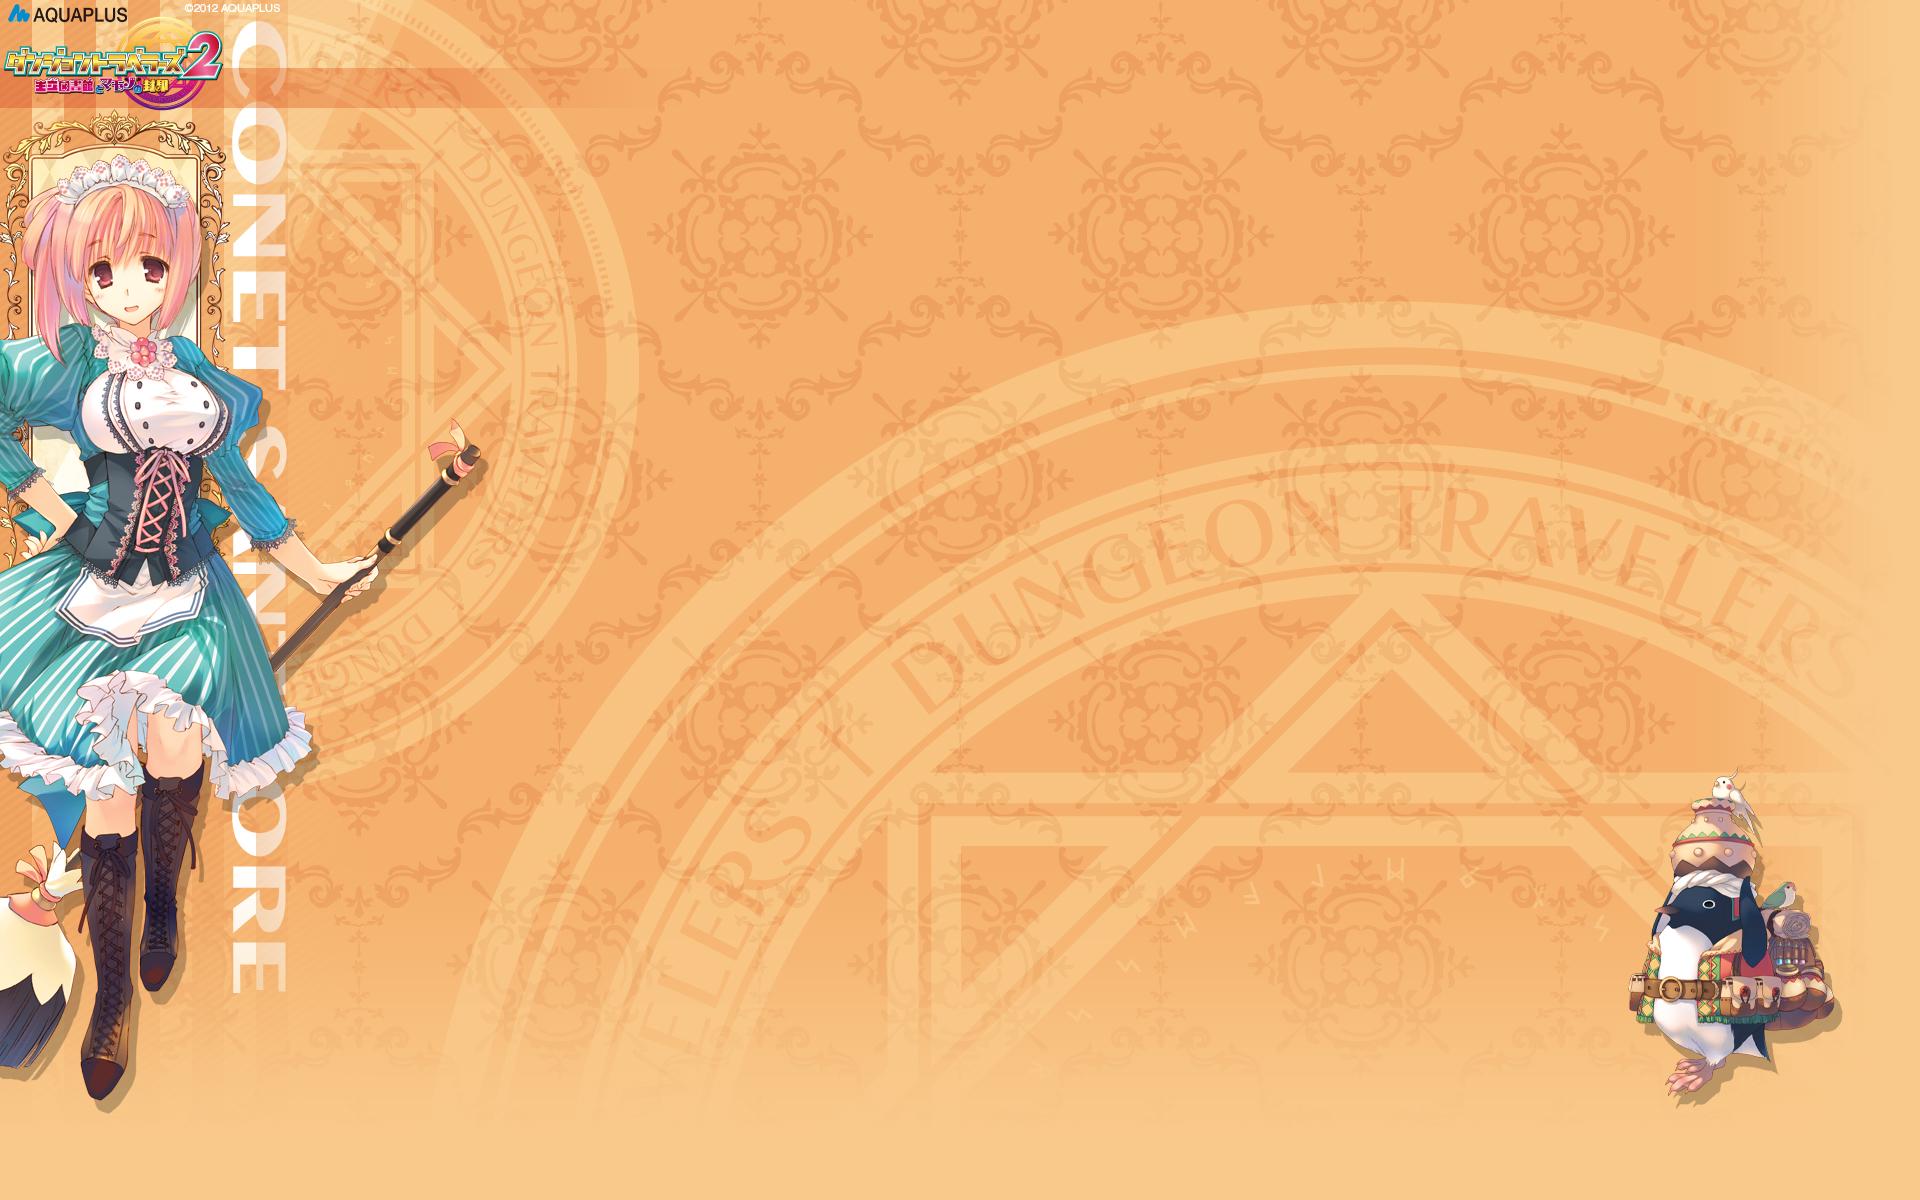 モニカ 壁紙を入手 モニカ 壁紙を入手 グリシェリーナ 壁紙を入手 エルトリシア スペシャル|ダ